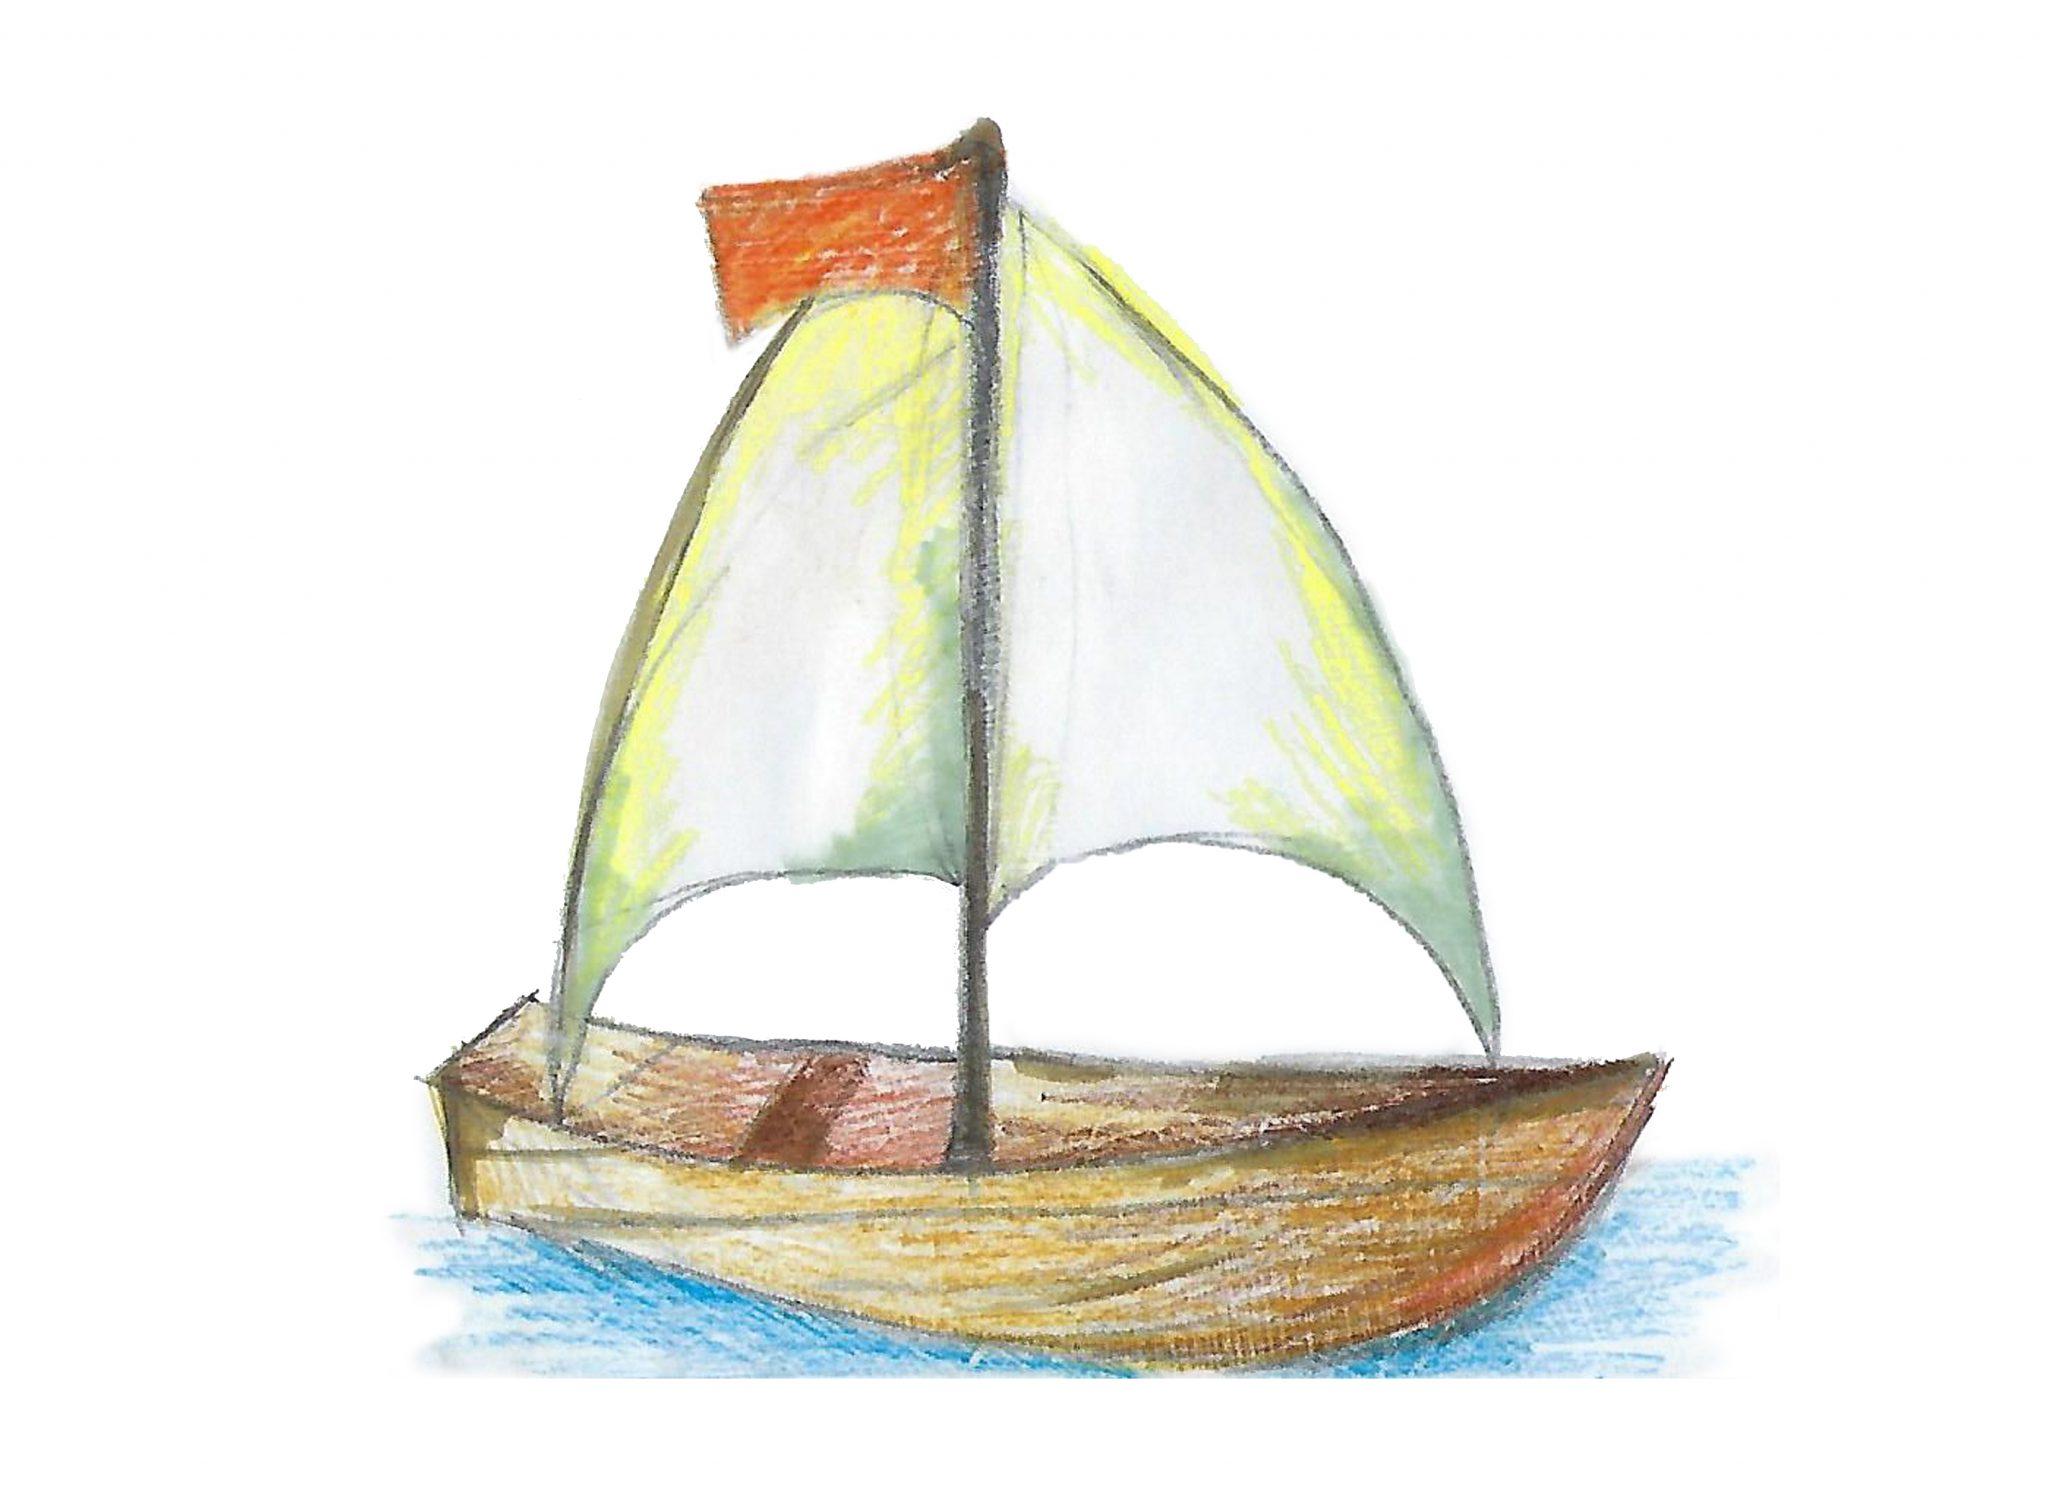 Лодка — The boat